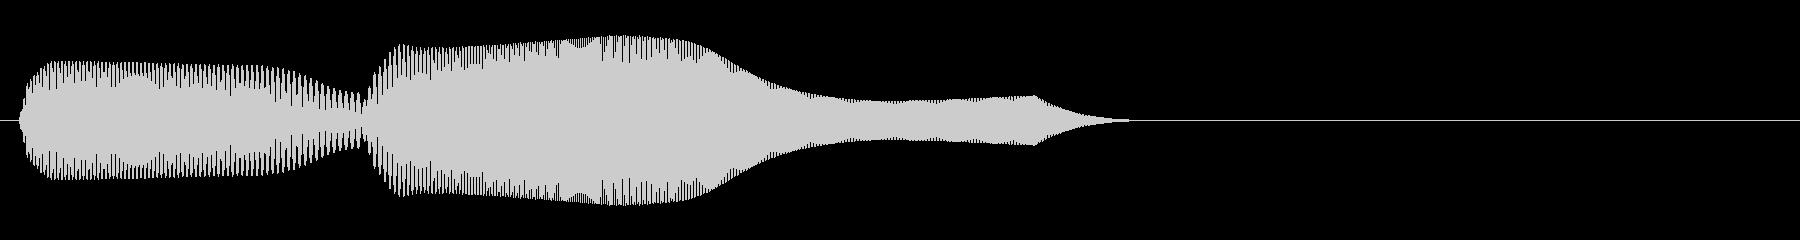 ピコン!01 字幕表示・タッチ・動作等の未再生の波形